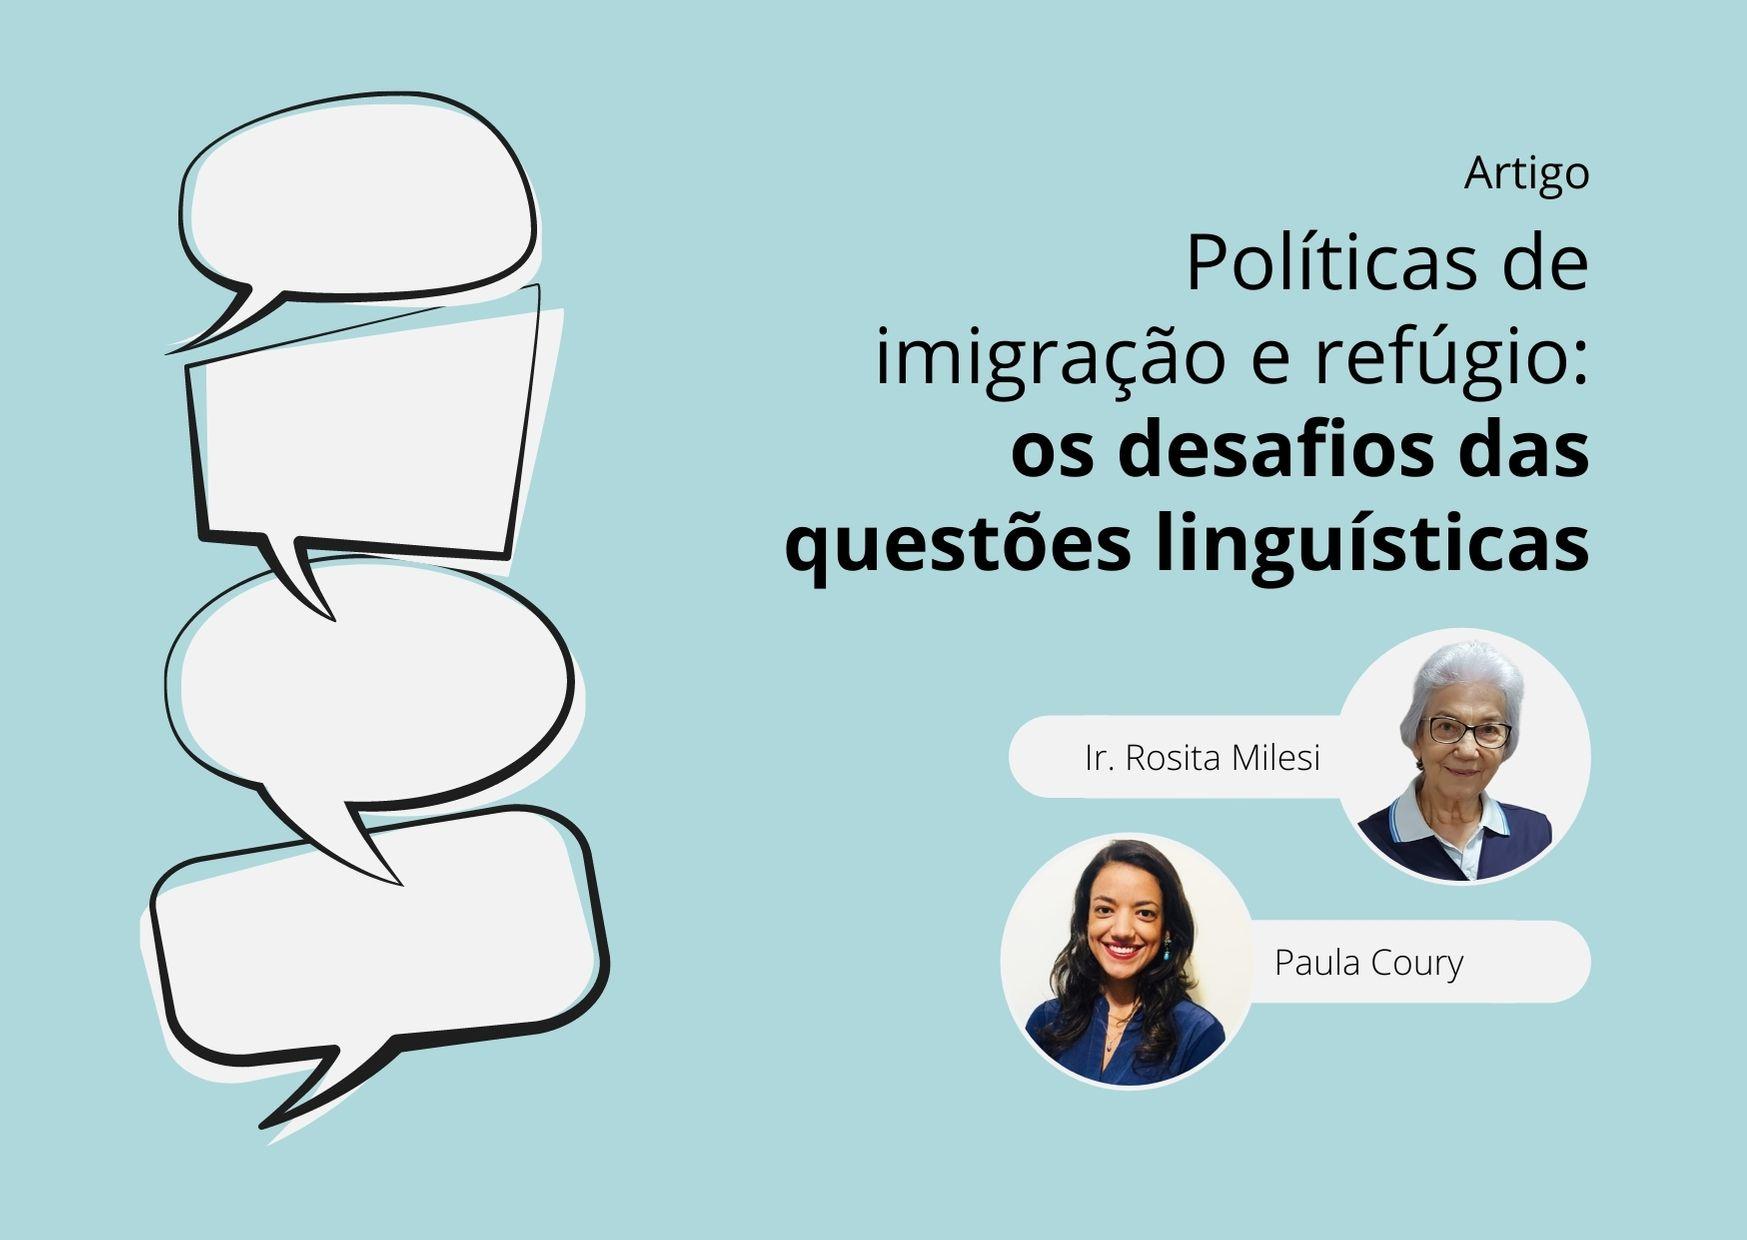 Políticas de imigração e refúgio: os desafios das questões linguísticas